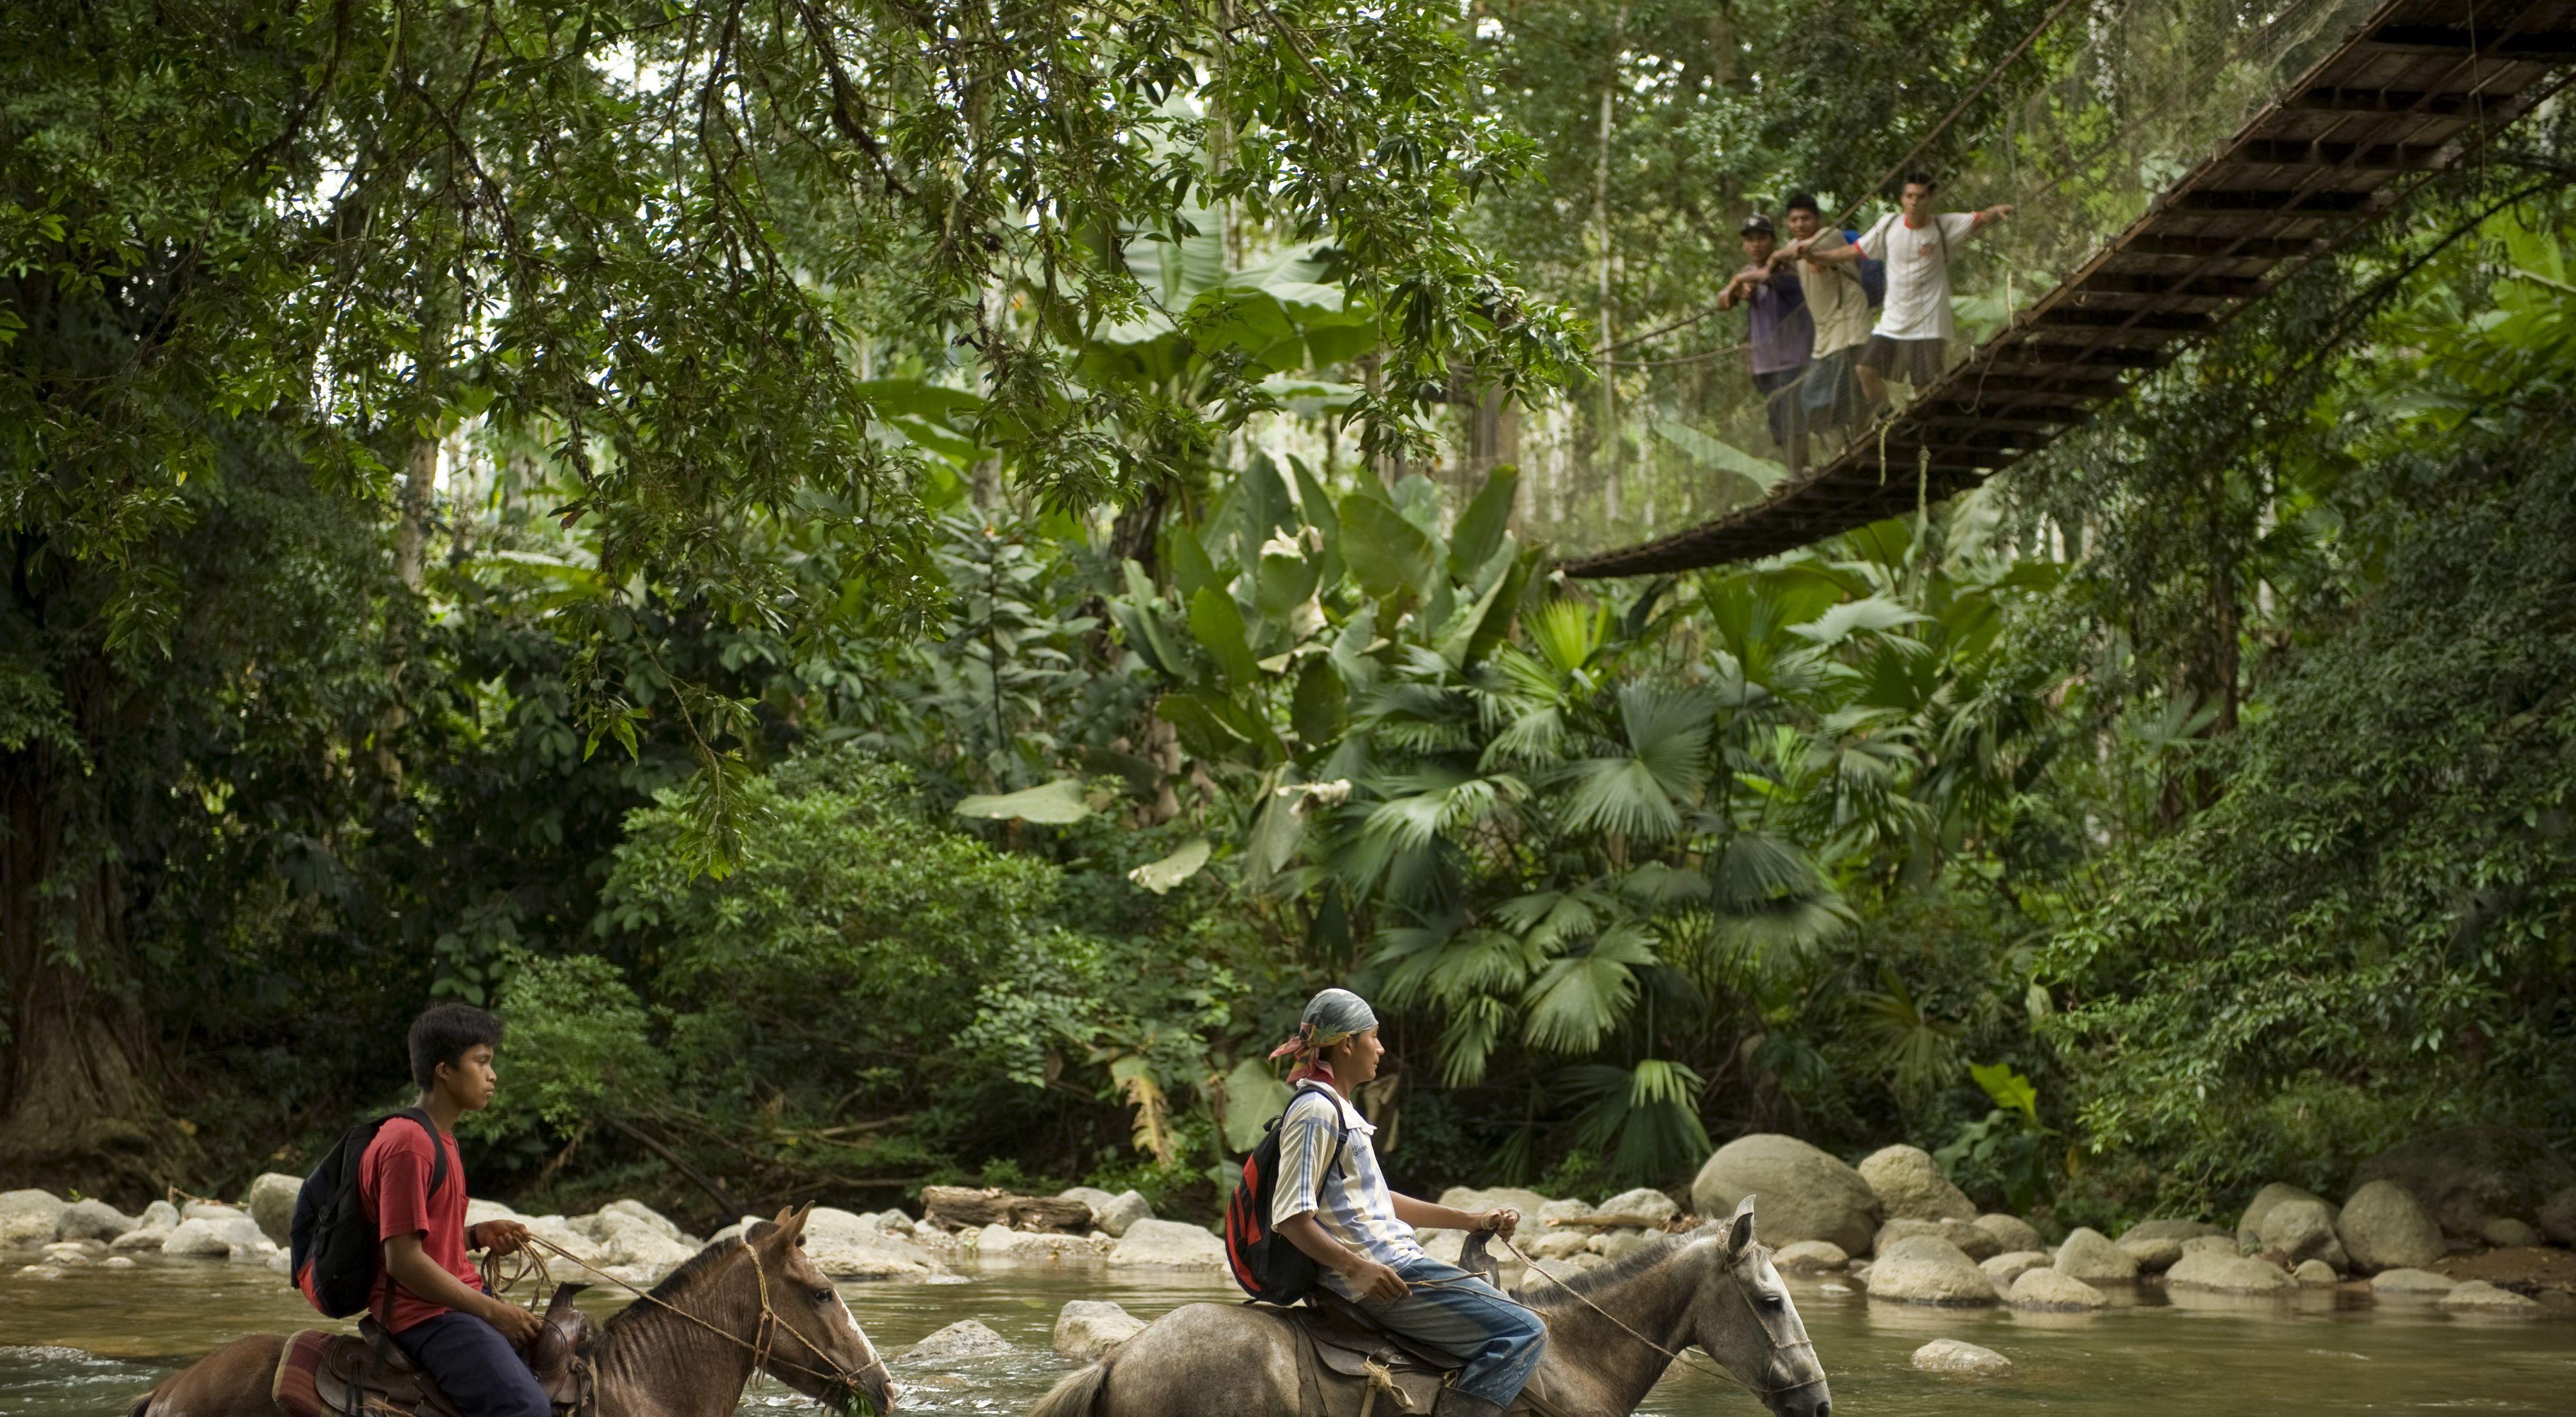 Vida comunitaria en el bosque del Parque Internacional La Amistad, Costa Rica. Escondidos en la esquina sureste de Costa Rica.